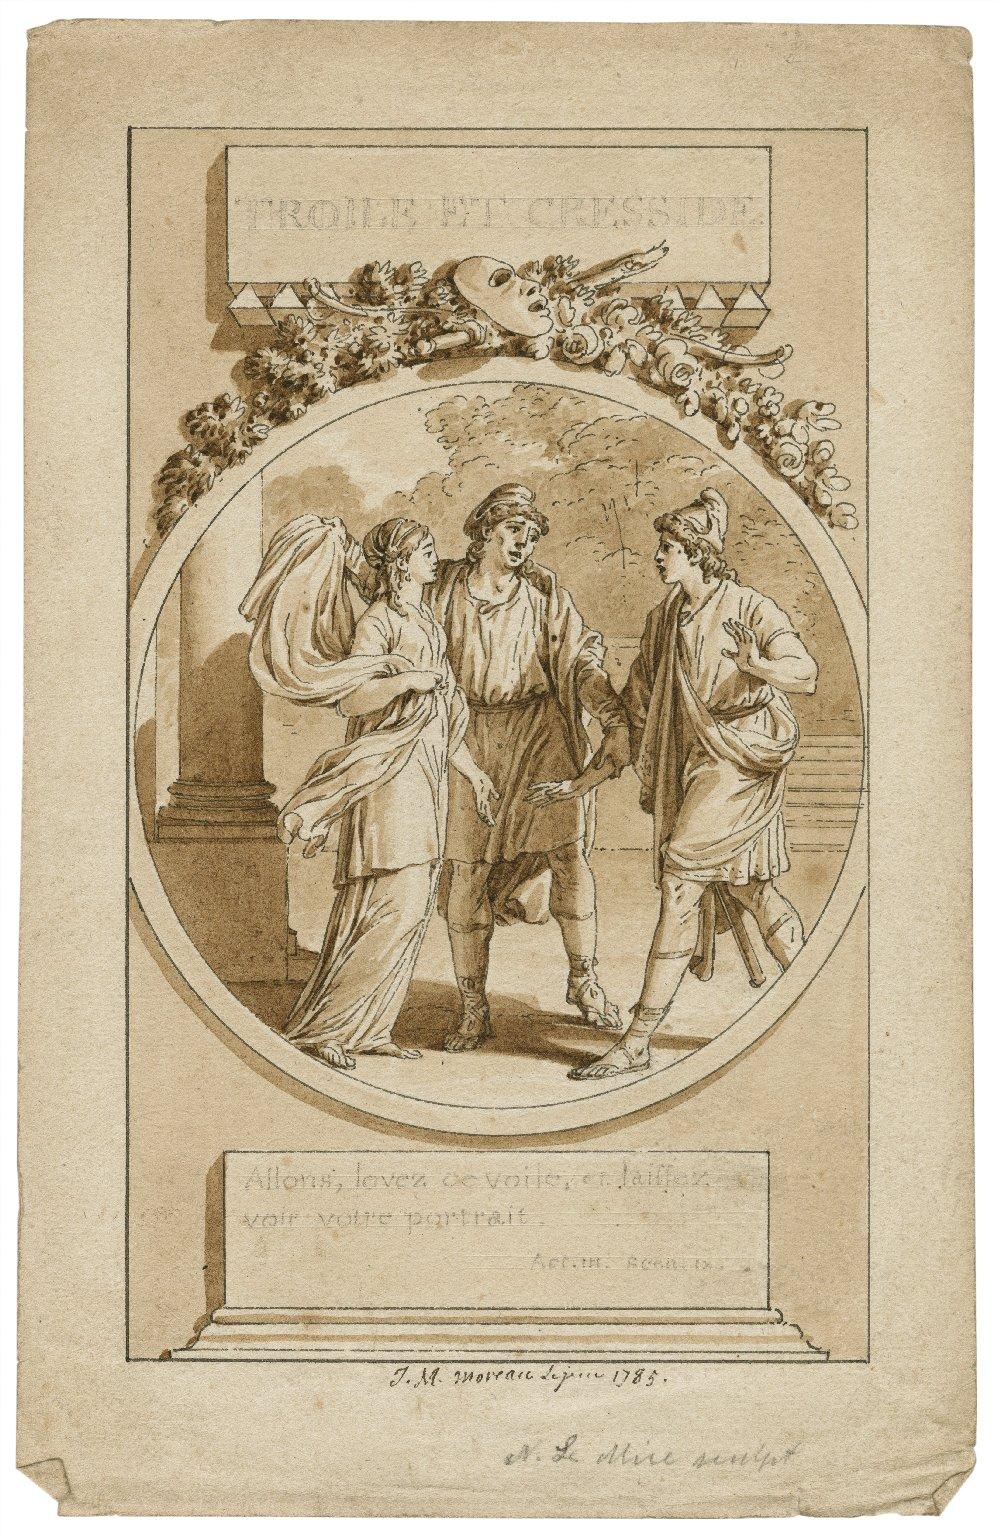 Troile et Cresside : [graphic] Allons, levez ce voile, et laiffez voir votre portrait, act III, scen. IX / J.M. Moreau Lejun [i.e. le jeune], 1785.